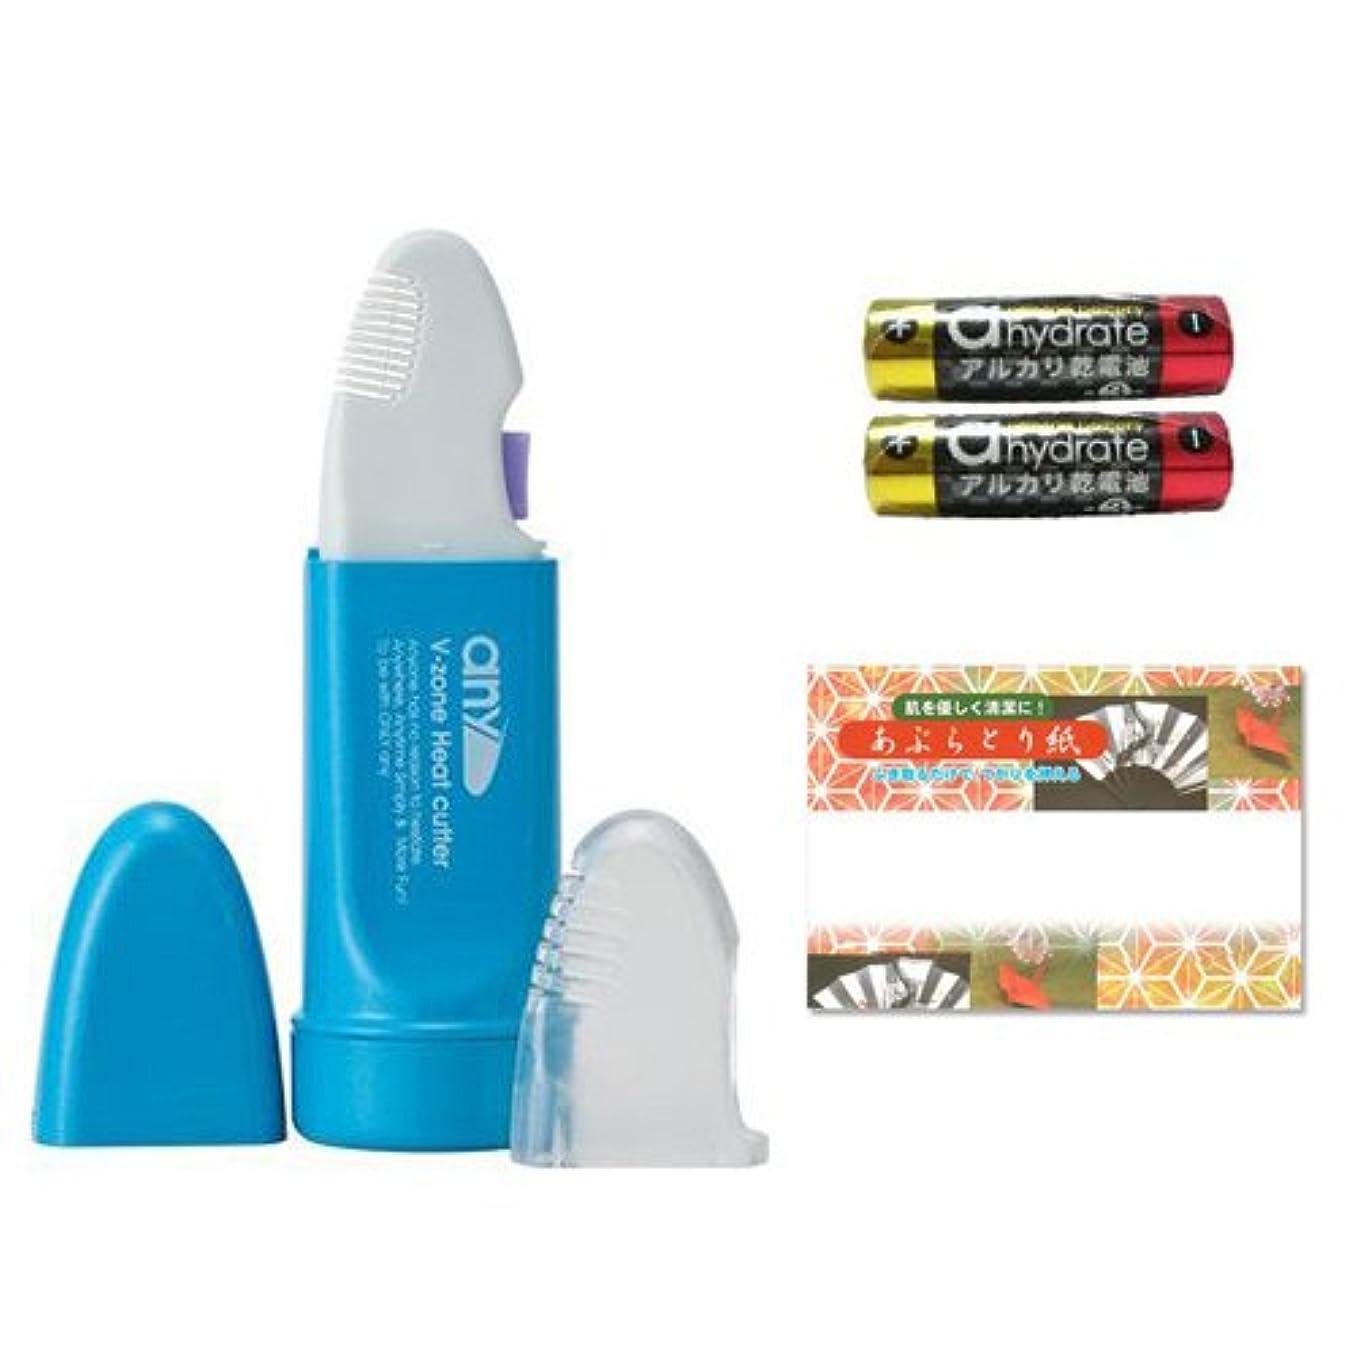 お手伝いさん大使館近似V-Zone Heat Cutter any(エニィ) Stylish マリンブルー + 単3アルカリ電池2本付きセット + あぶらとり紙 付き